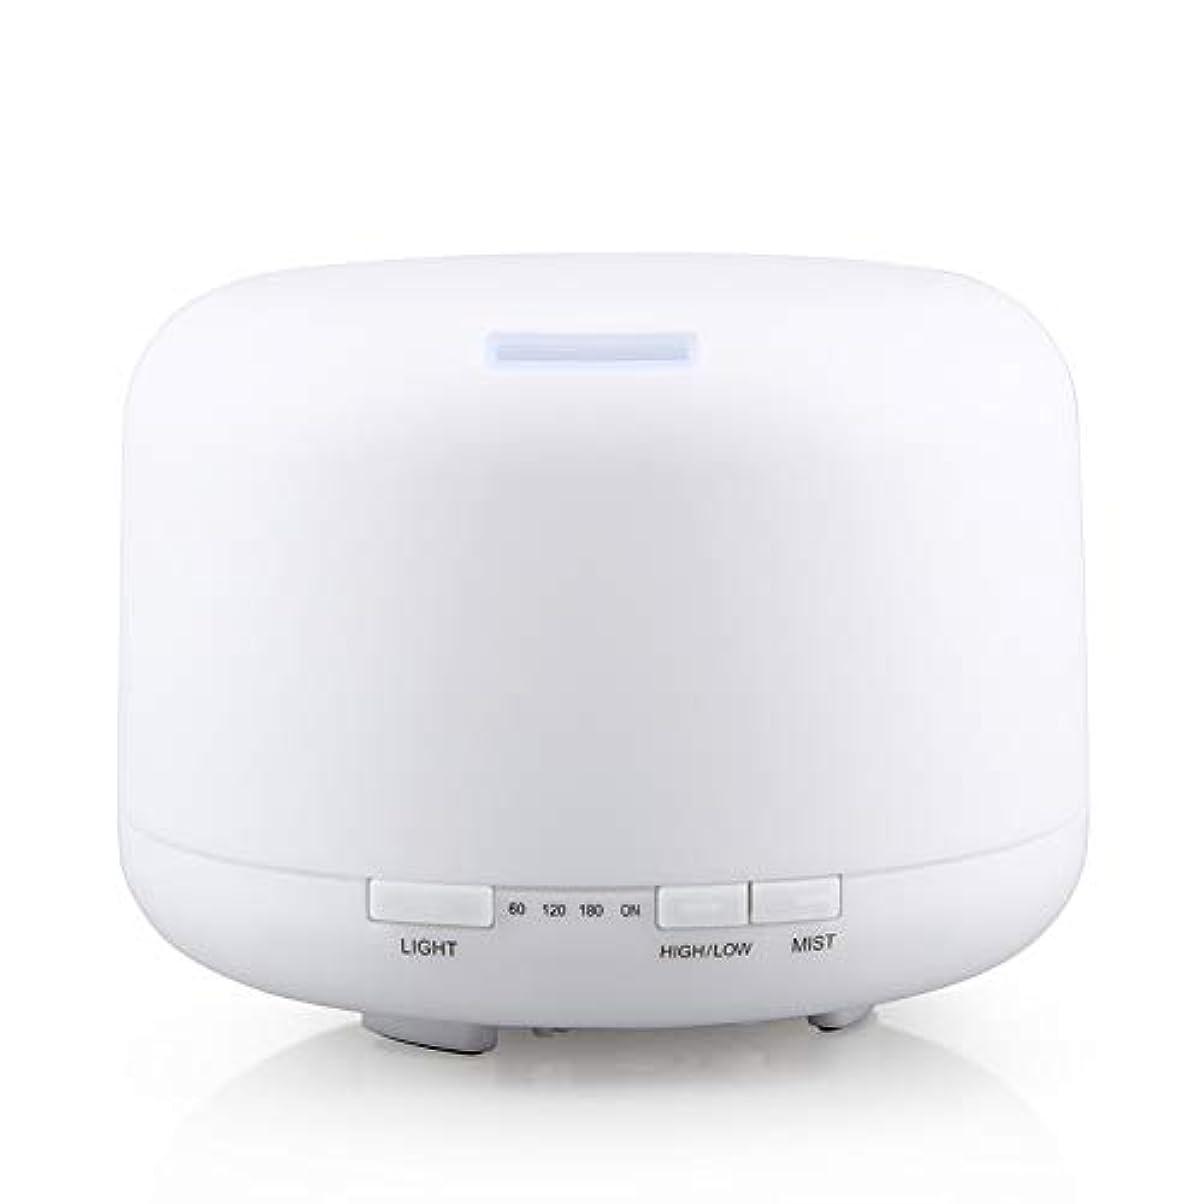 債務マンモススマイル500ml 家庭用加湿器プラグイン超音波アロマセラピーマシンエッセンシャルオイル加湿器ホームナイトライト